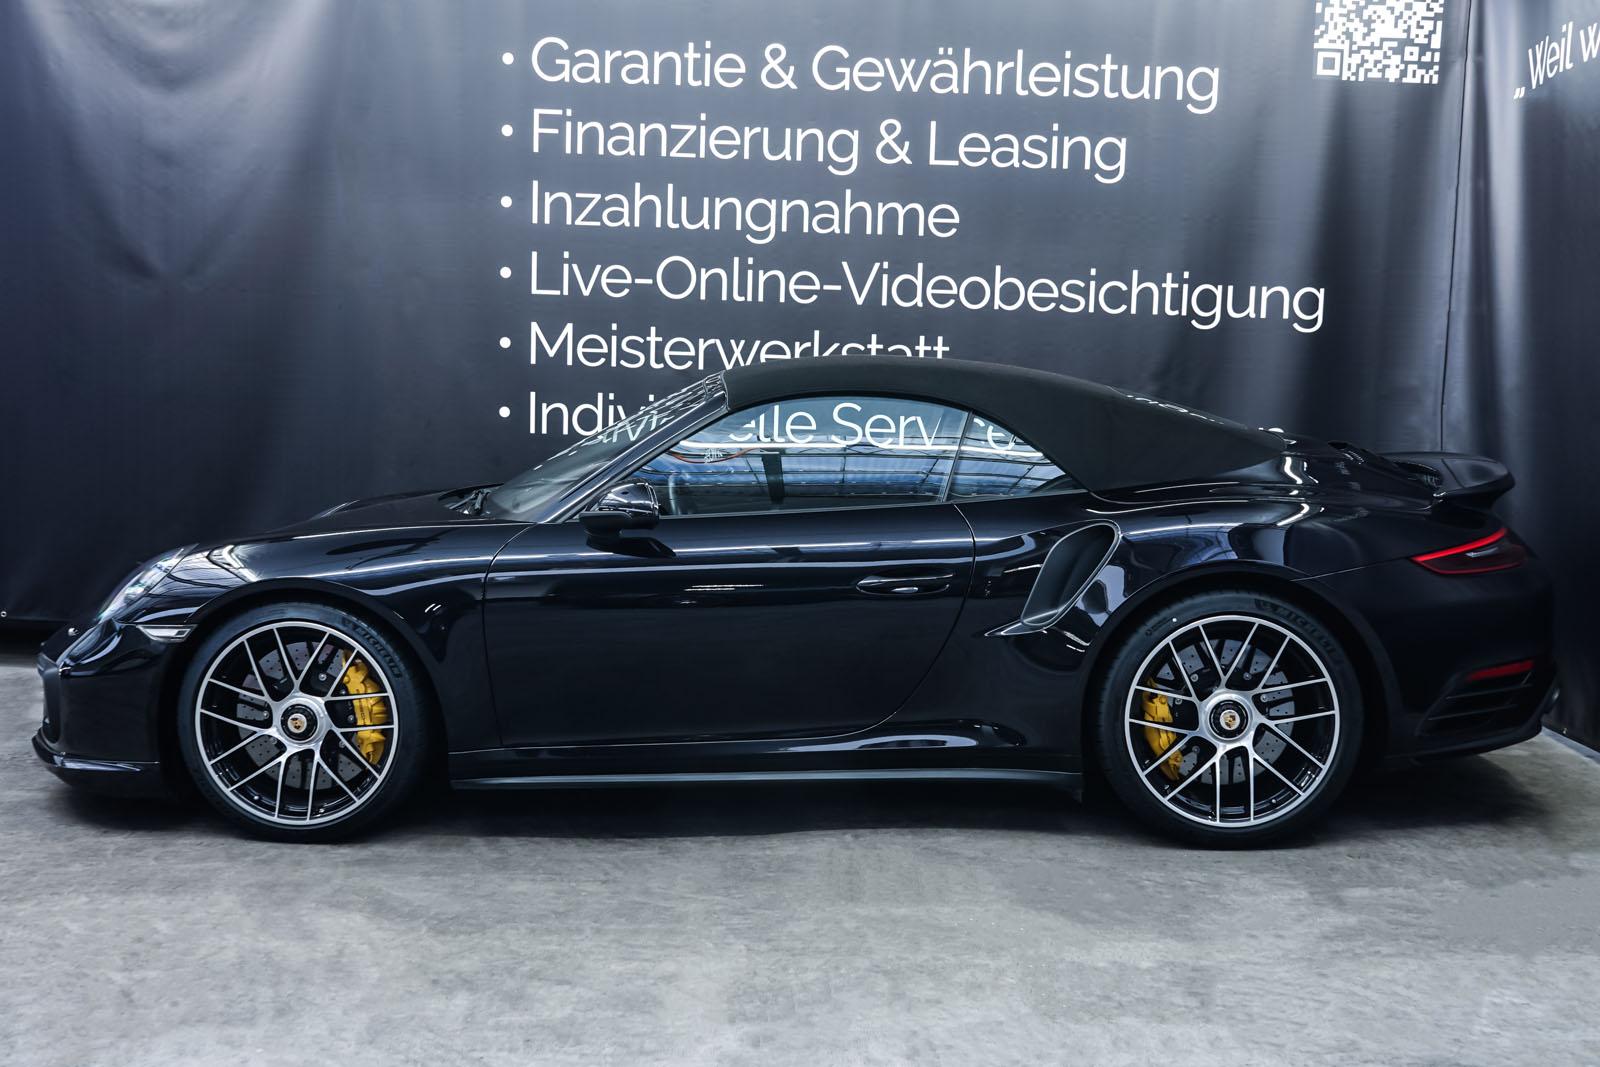 Porsche_991_TurboS_Cabrio_Schwarz_Braun_POR-9733_5_w